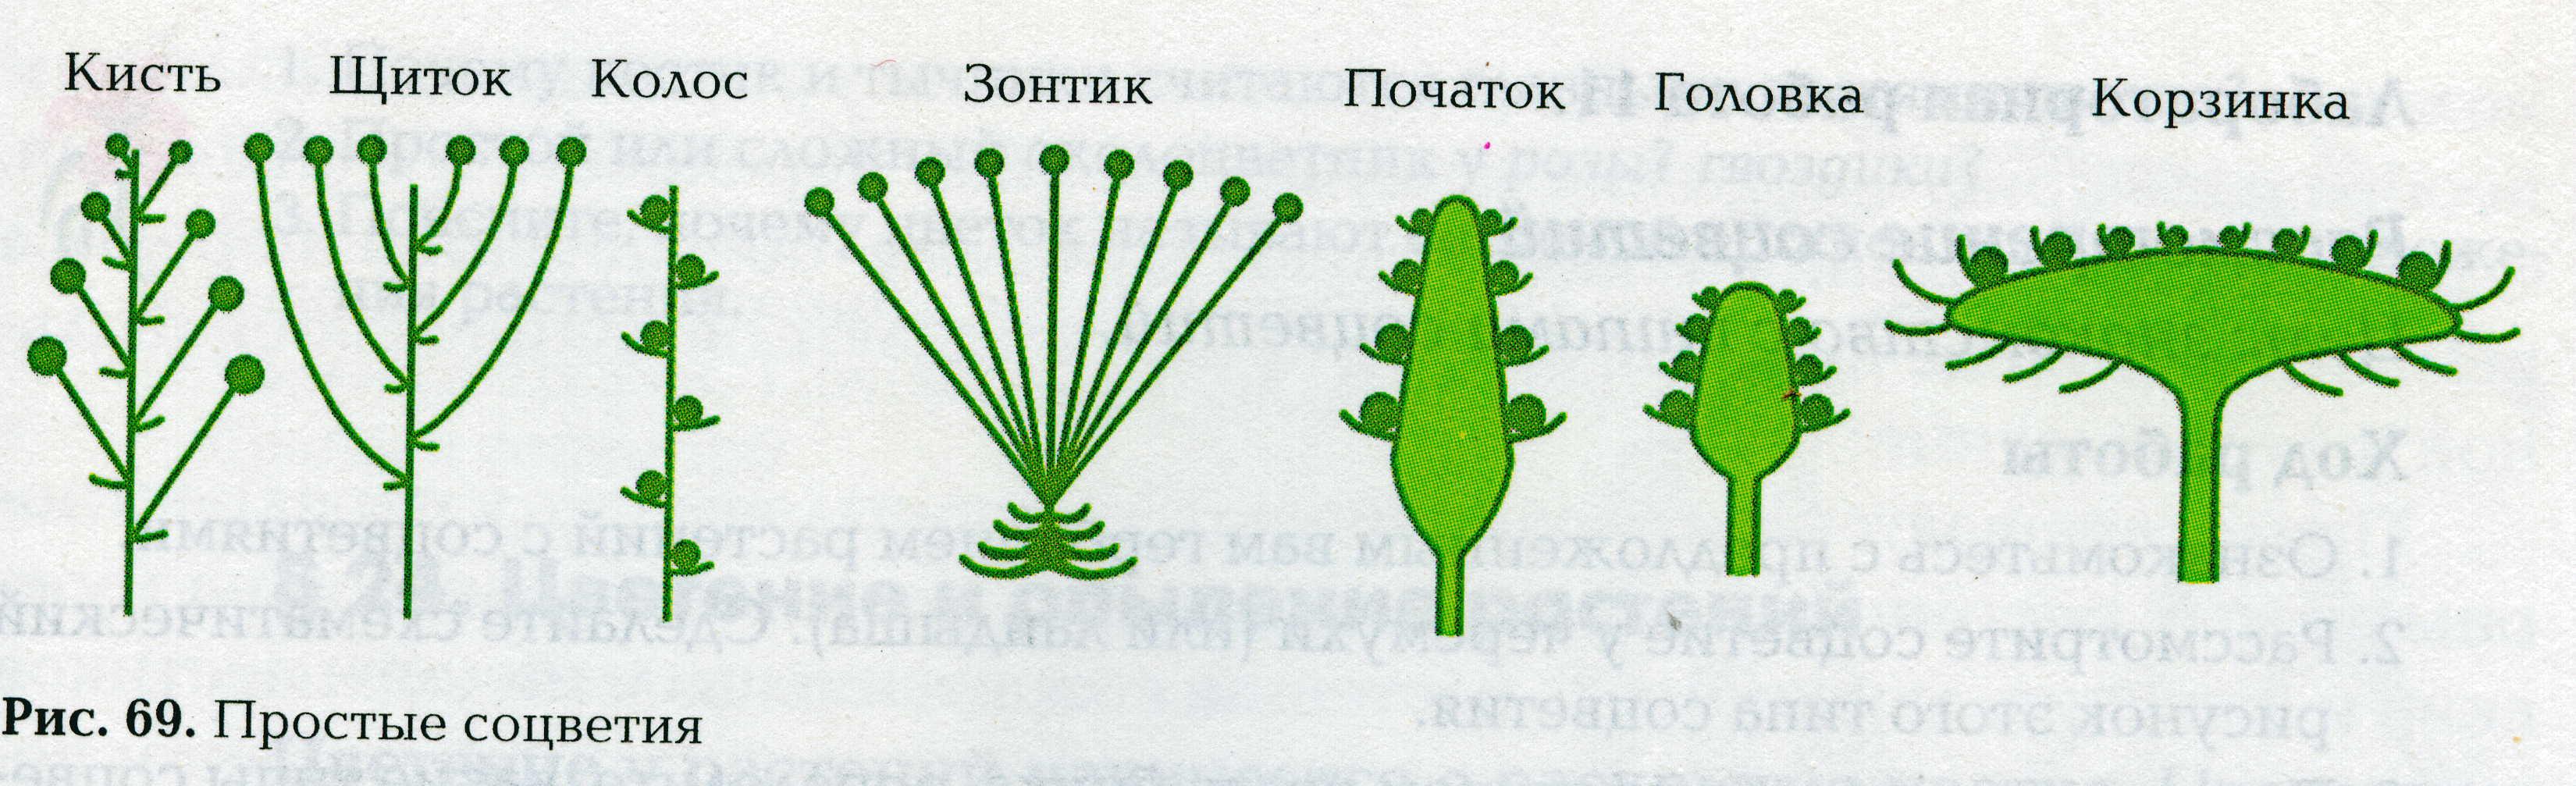 Сложный щиток схема соцветия